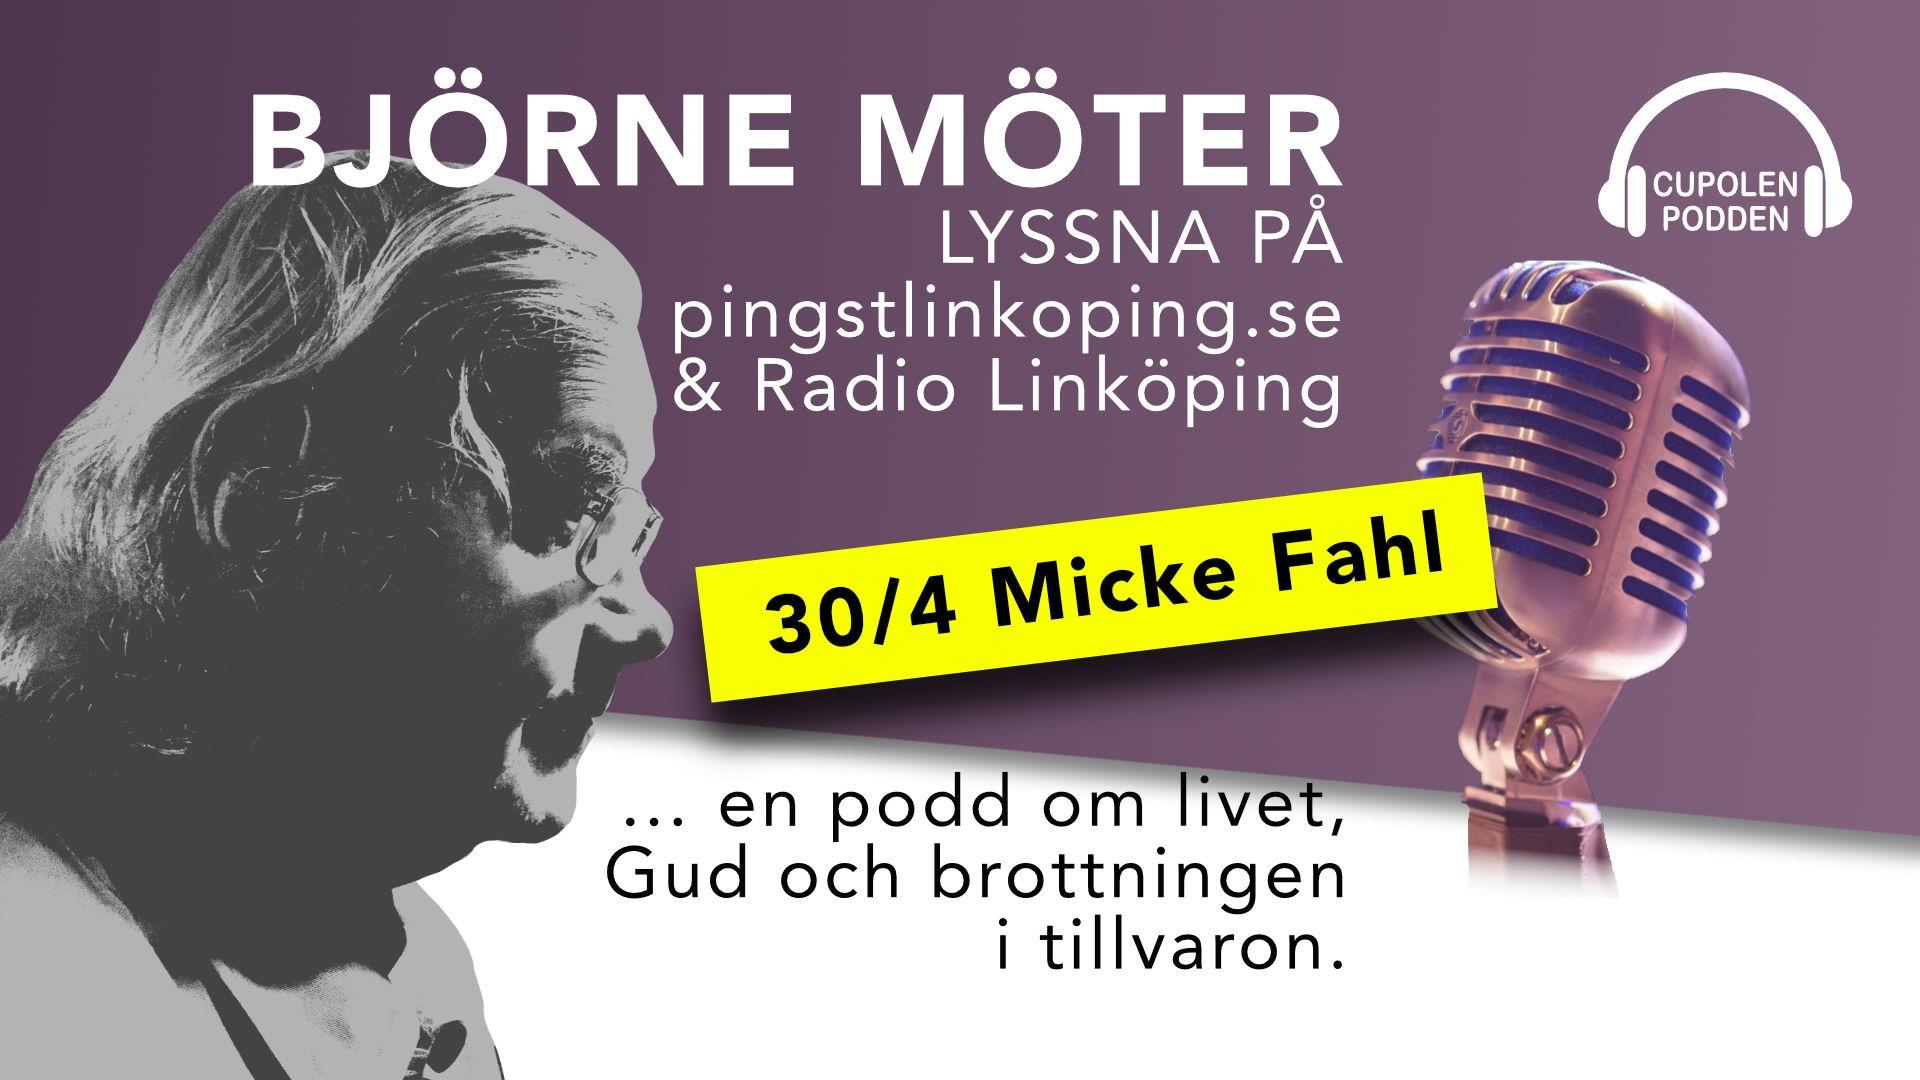 Björne möter Micke Fahl 30 april